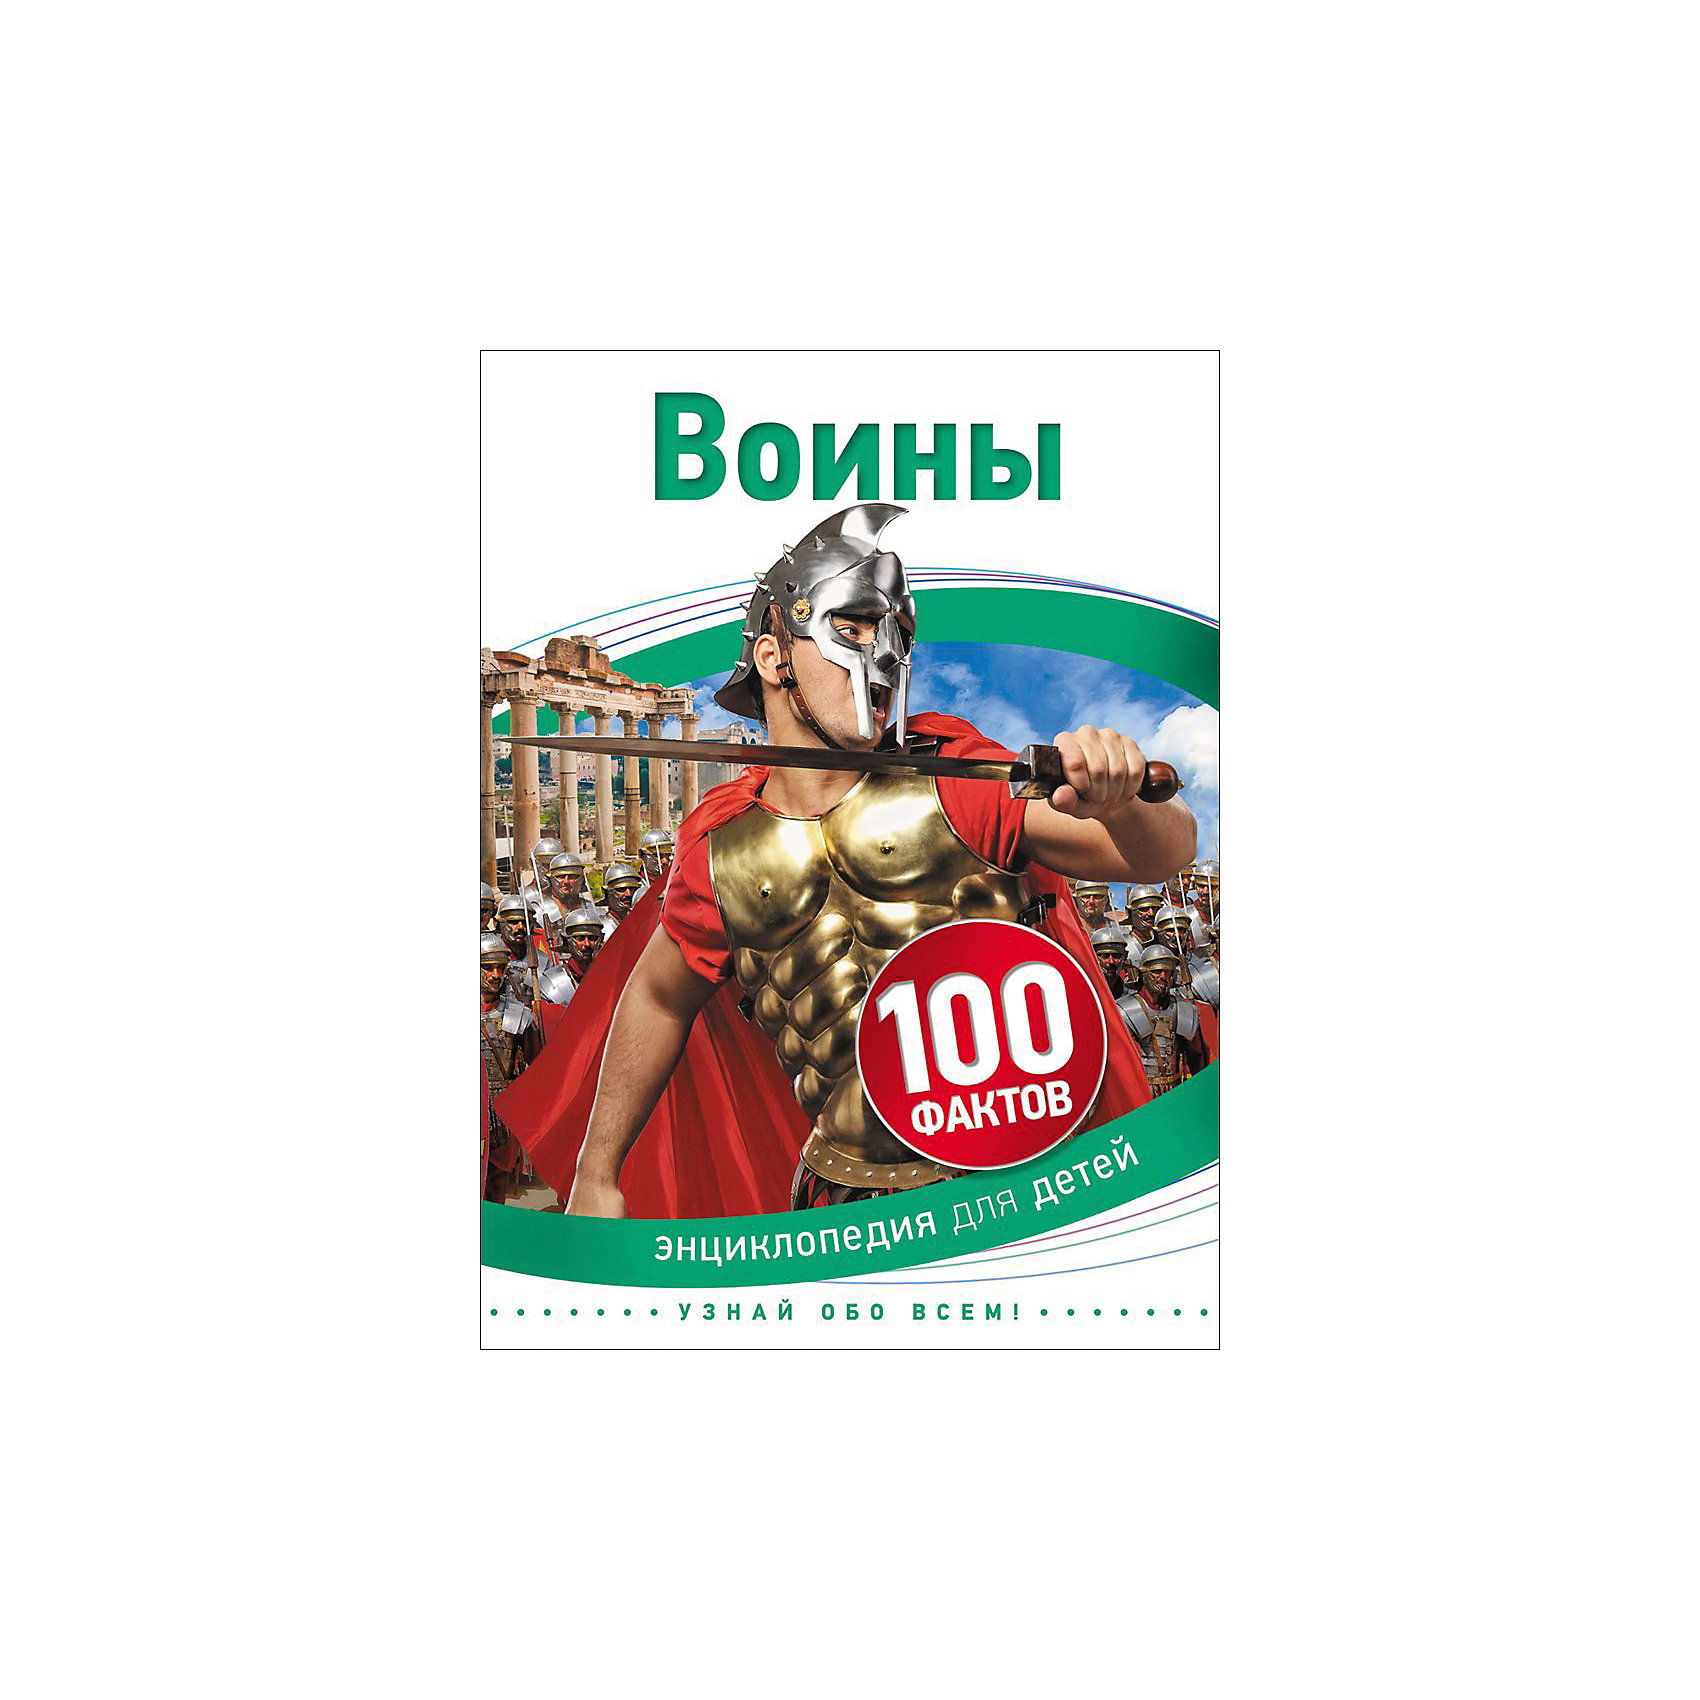 Росмэн Воины (100 фактов)